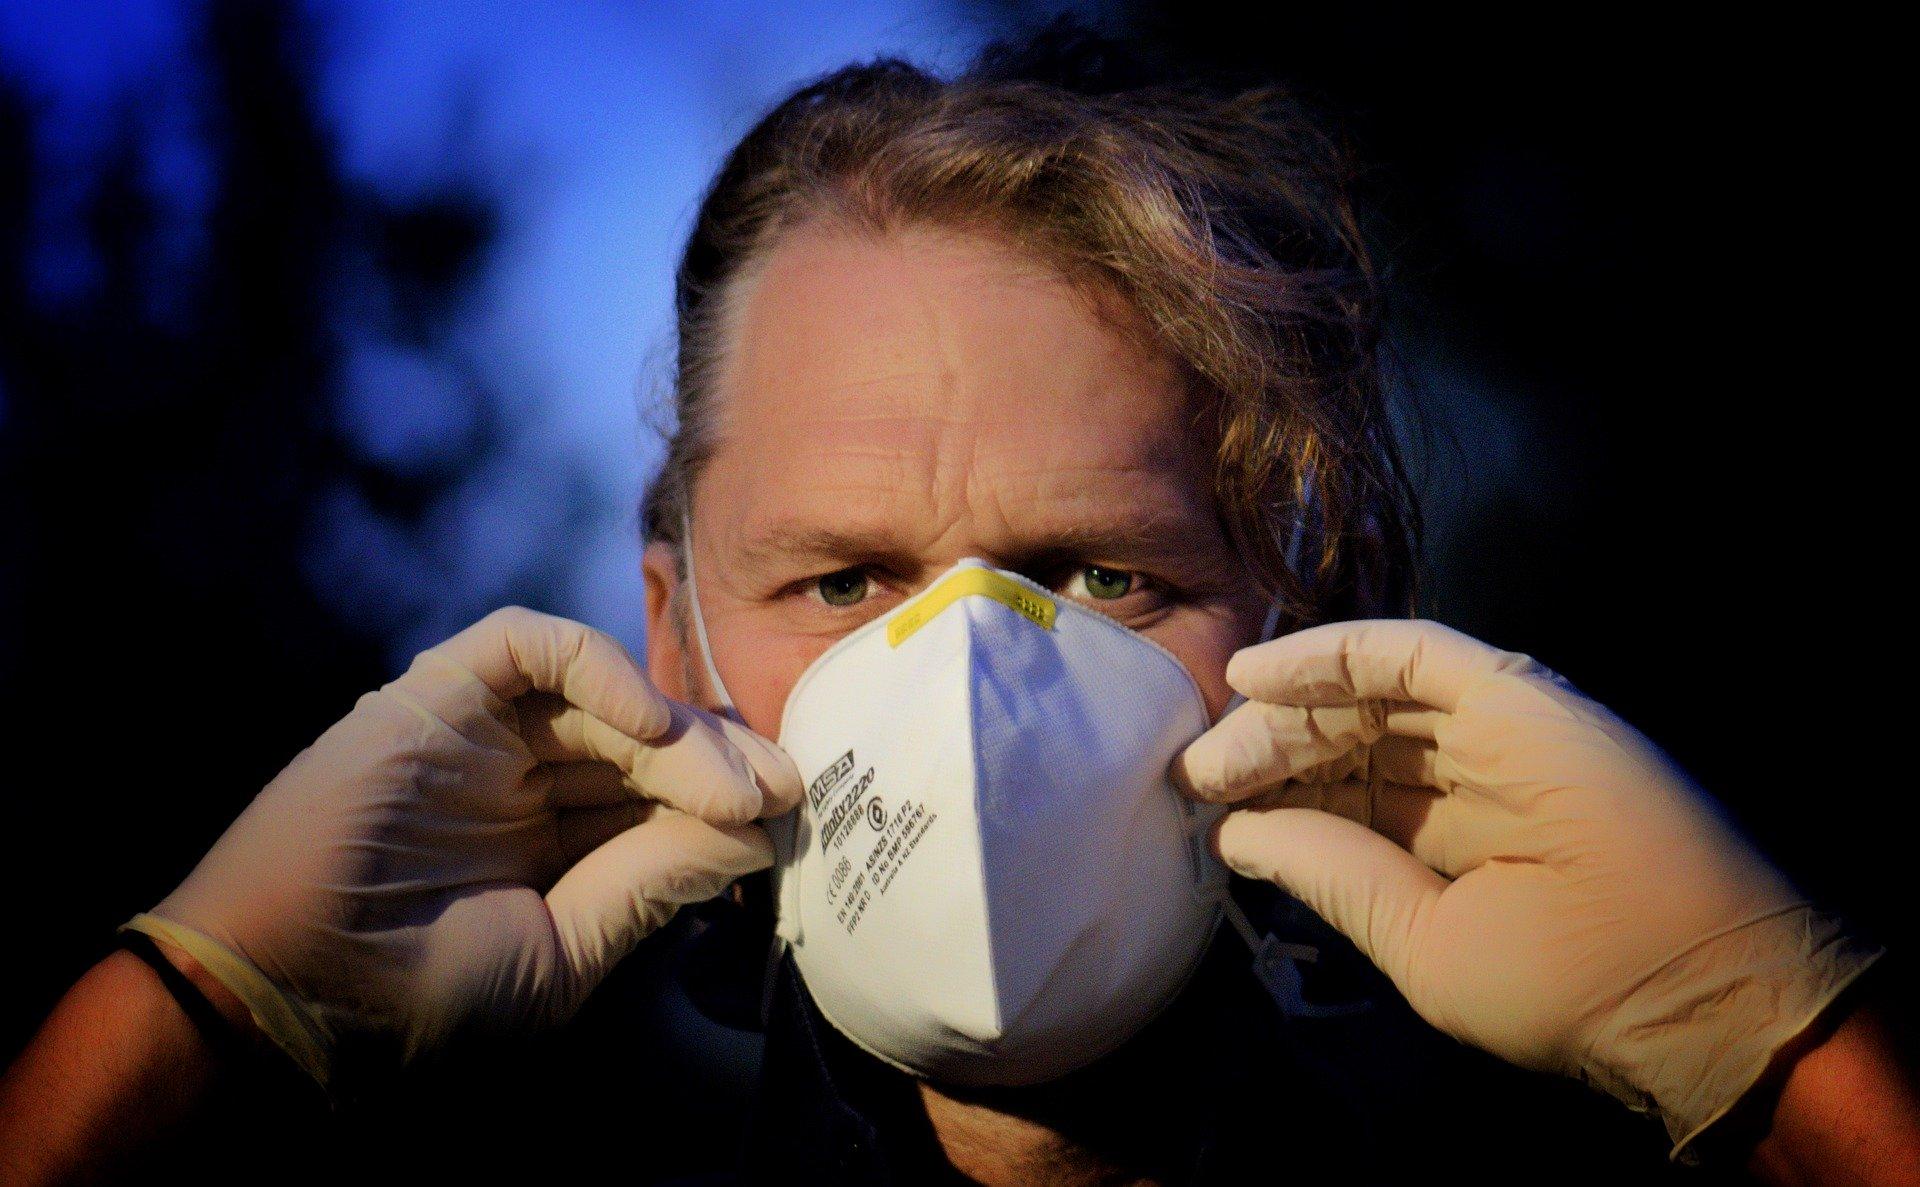 Niektóre ograniczenia nawet do 3 maja - za tydzień obowiązkowe maseczki na twarzach